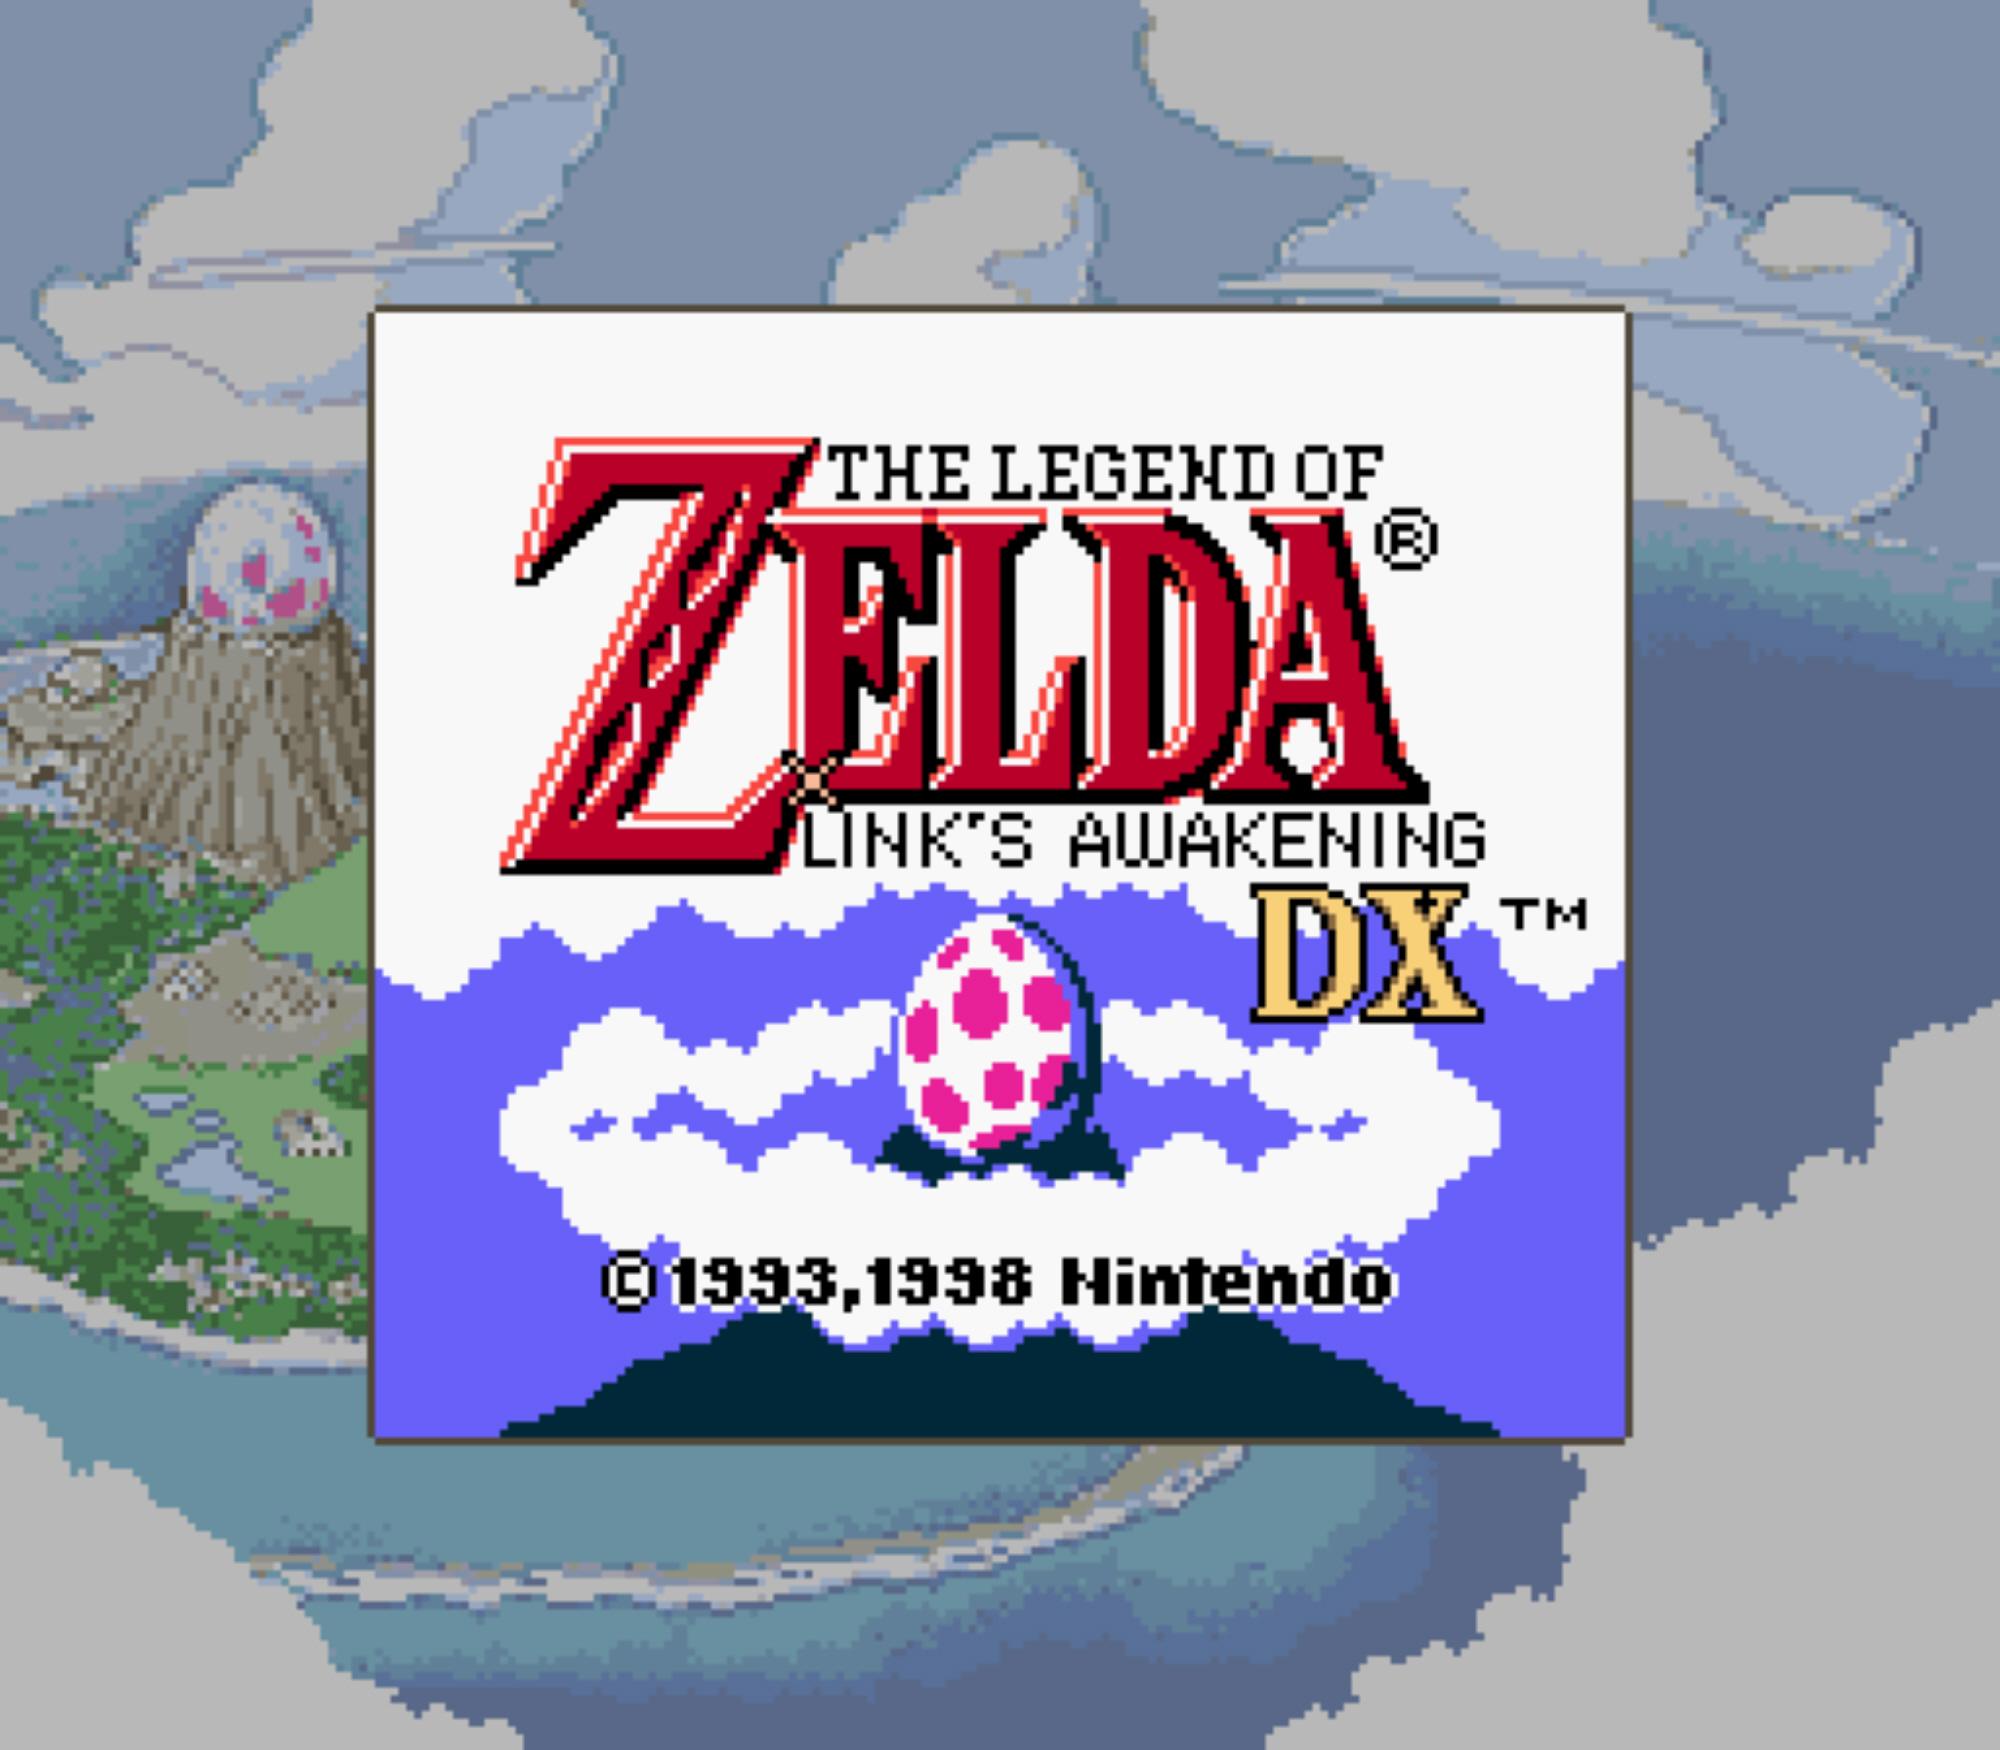 The Legend Of Zelda Link S Awakening Dx Walkthrough Video